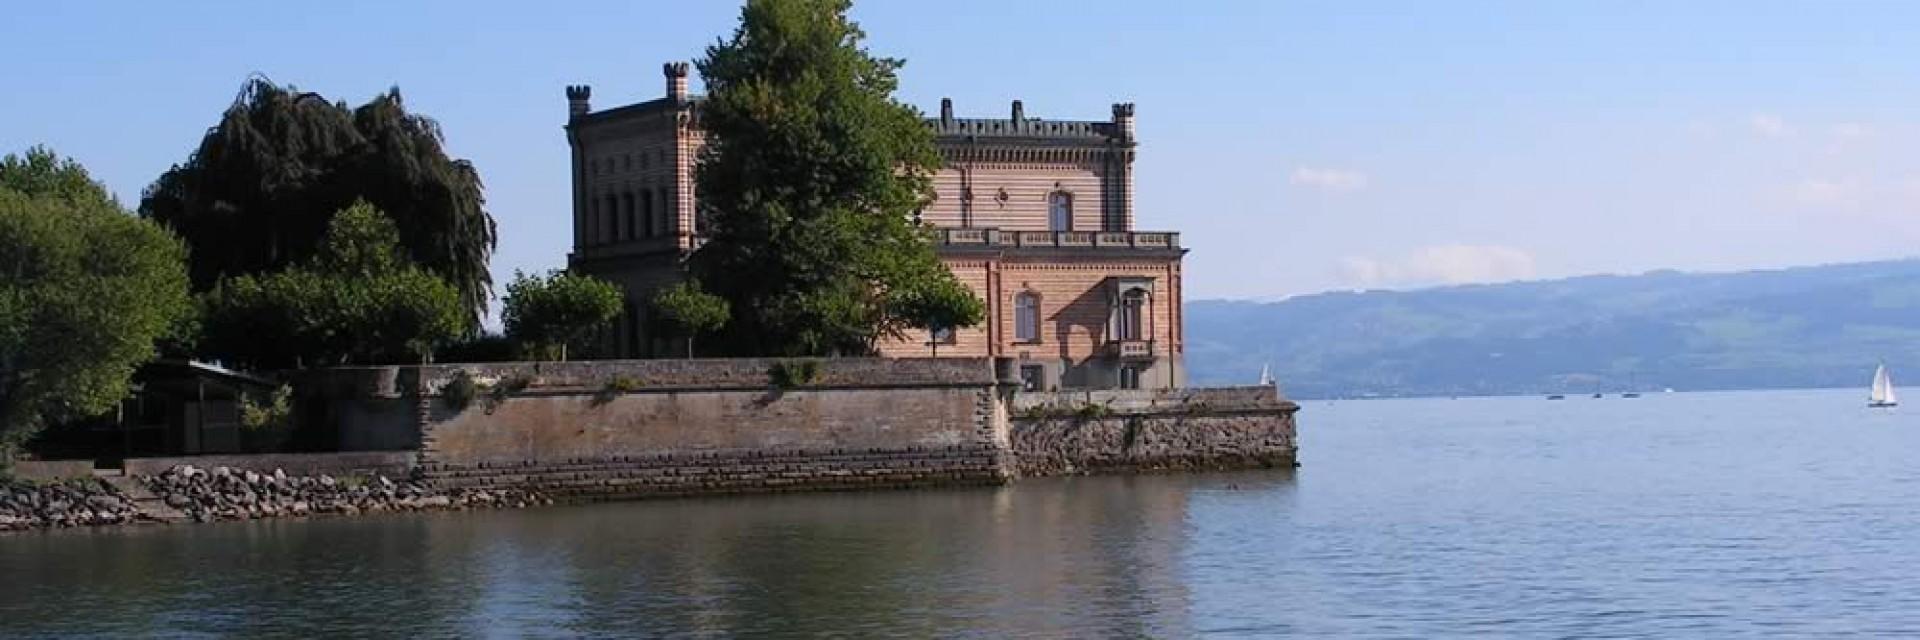 Schloss Montfort.